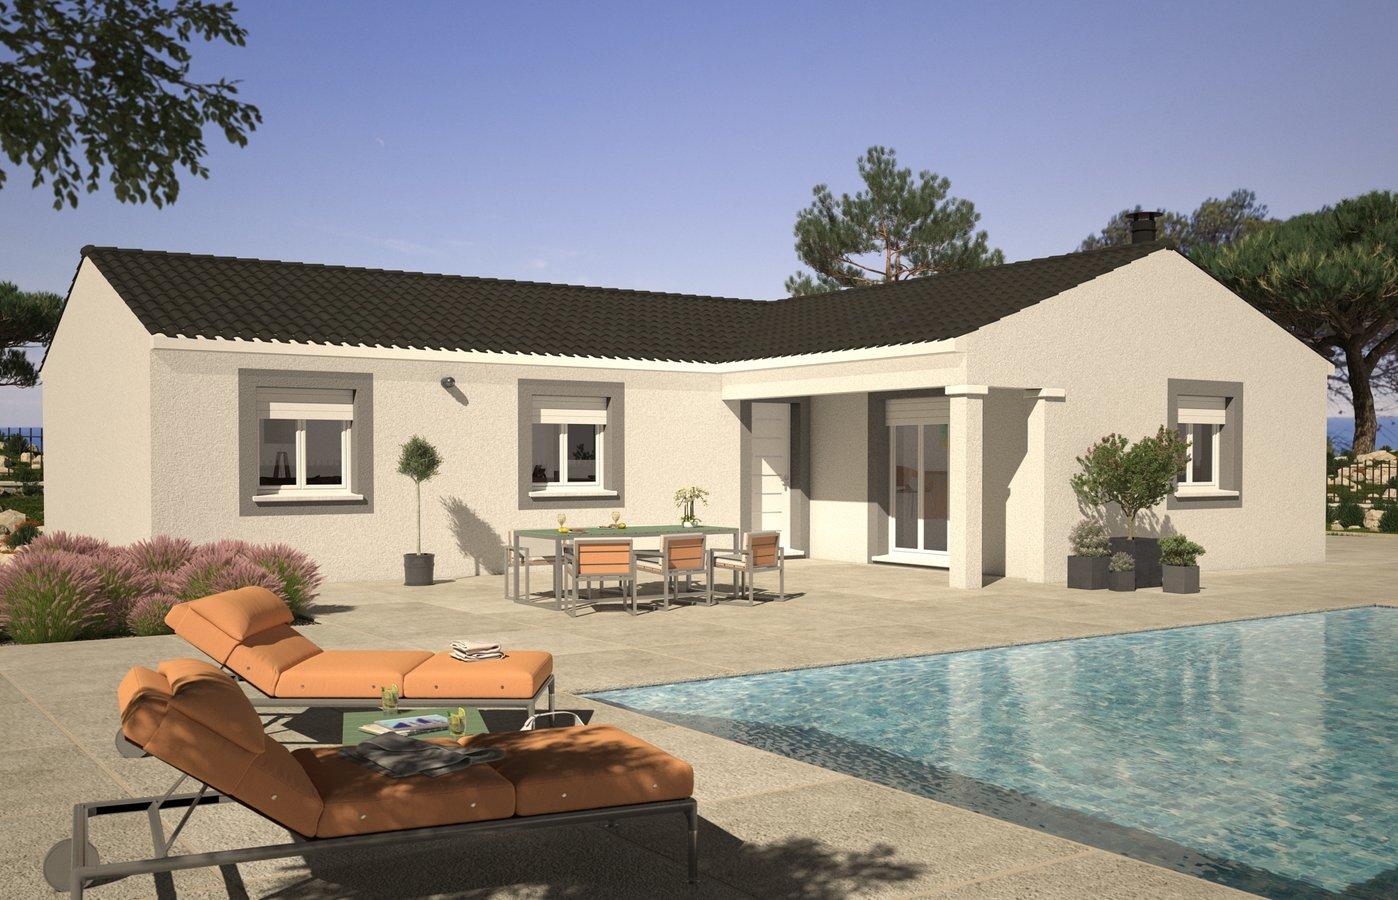 azur et constructions constructeur. Black Bedroom Furniture Sets. Home Design Ideas